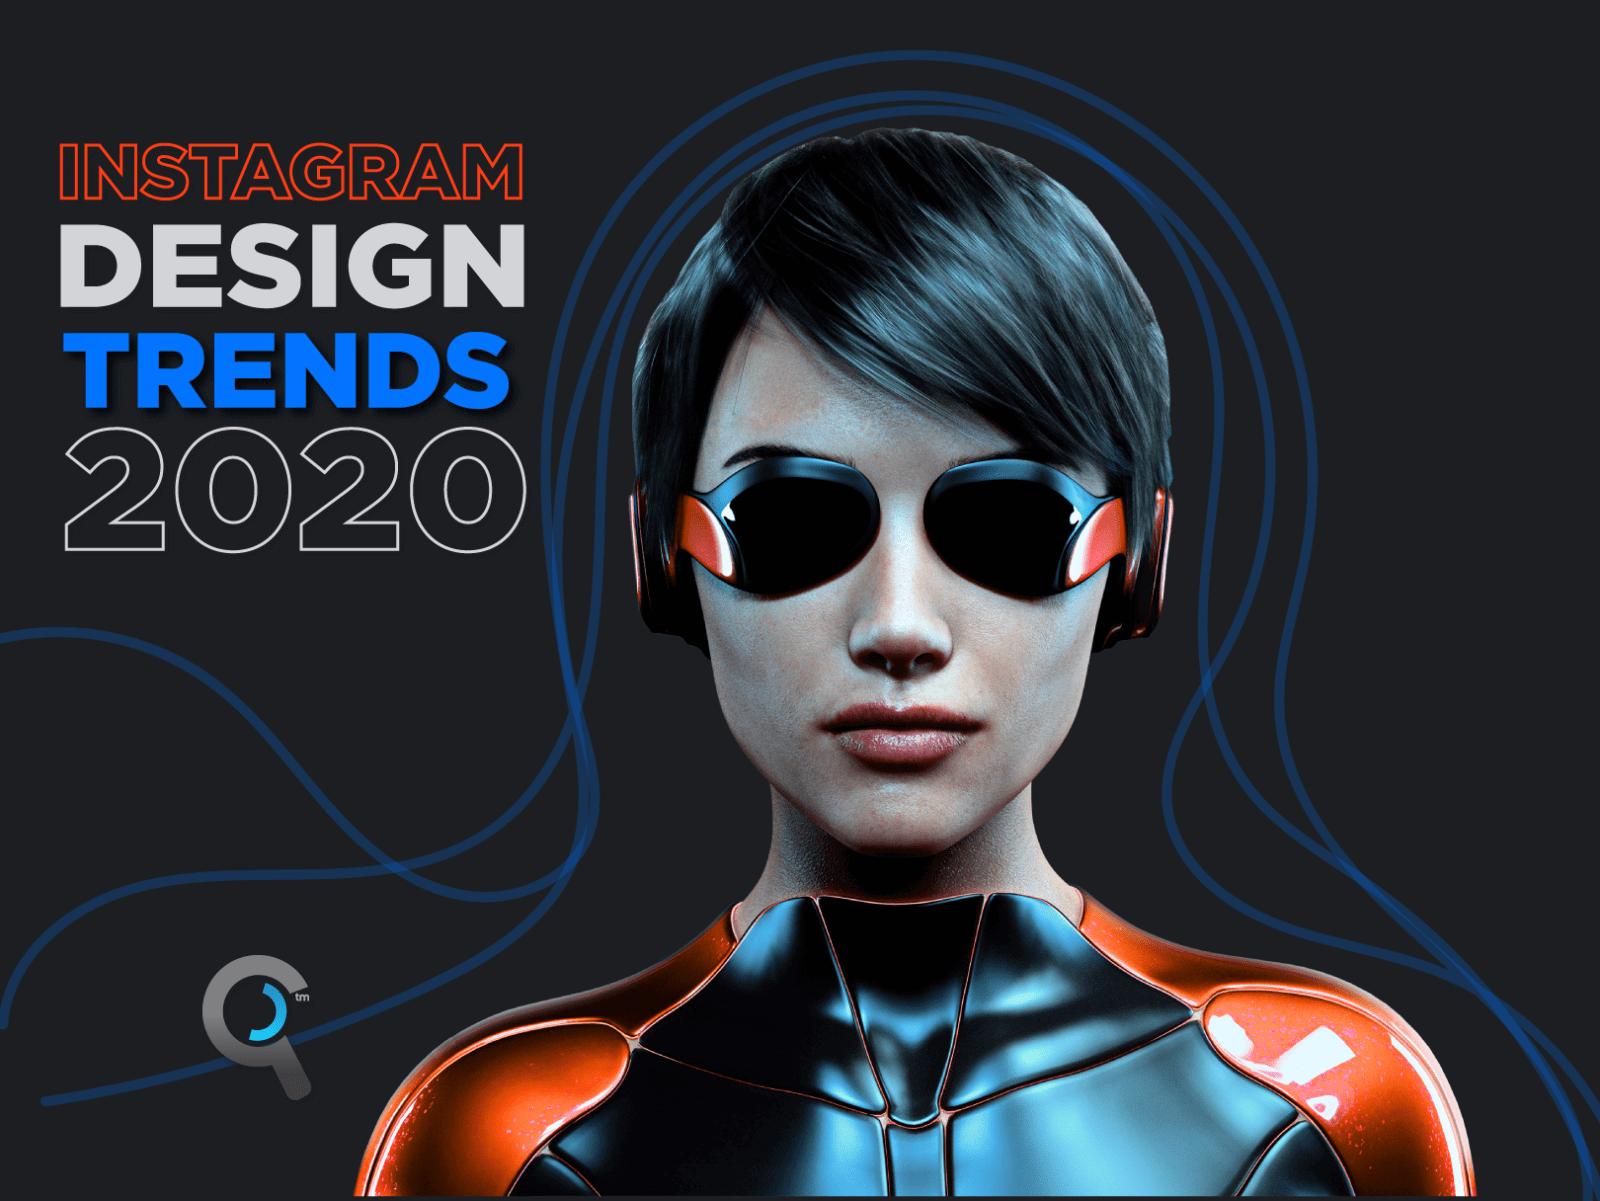 Instagram Design Trends 2020